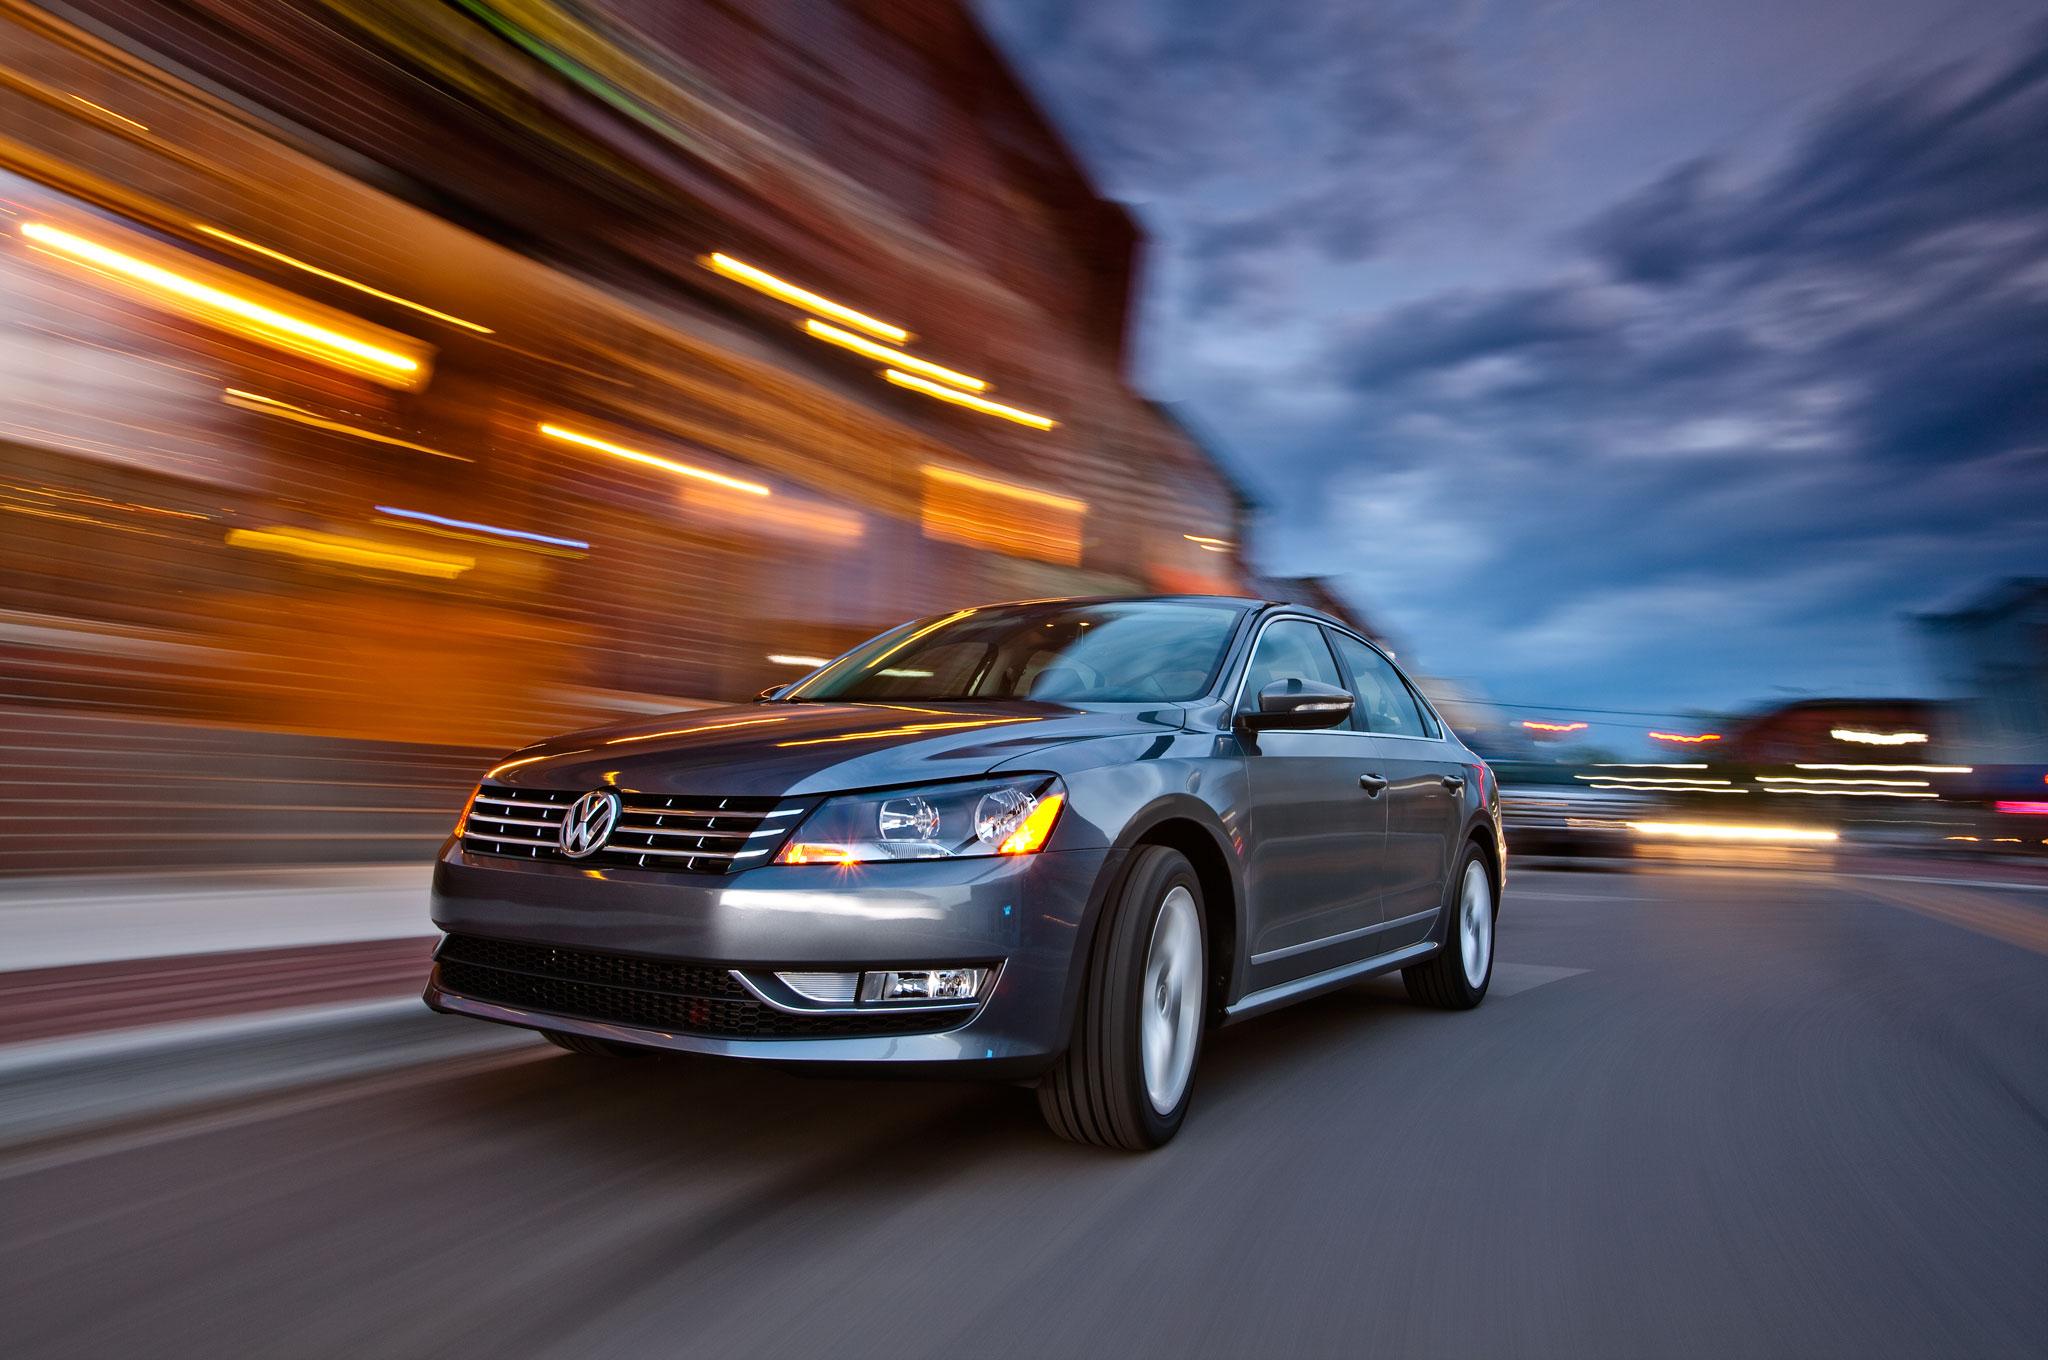 2012 Volkswagen Passat SE TDI Front Left View1